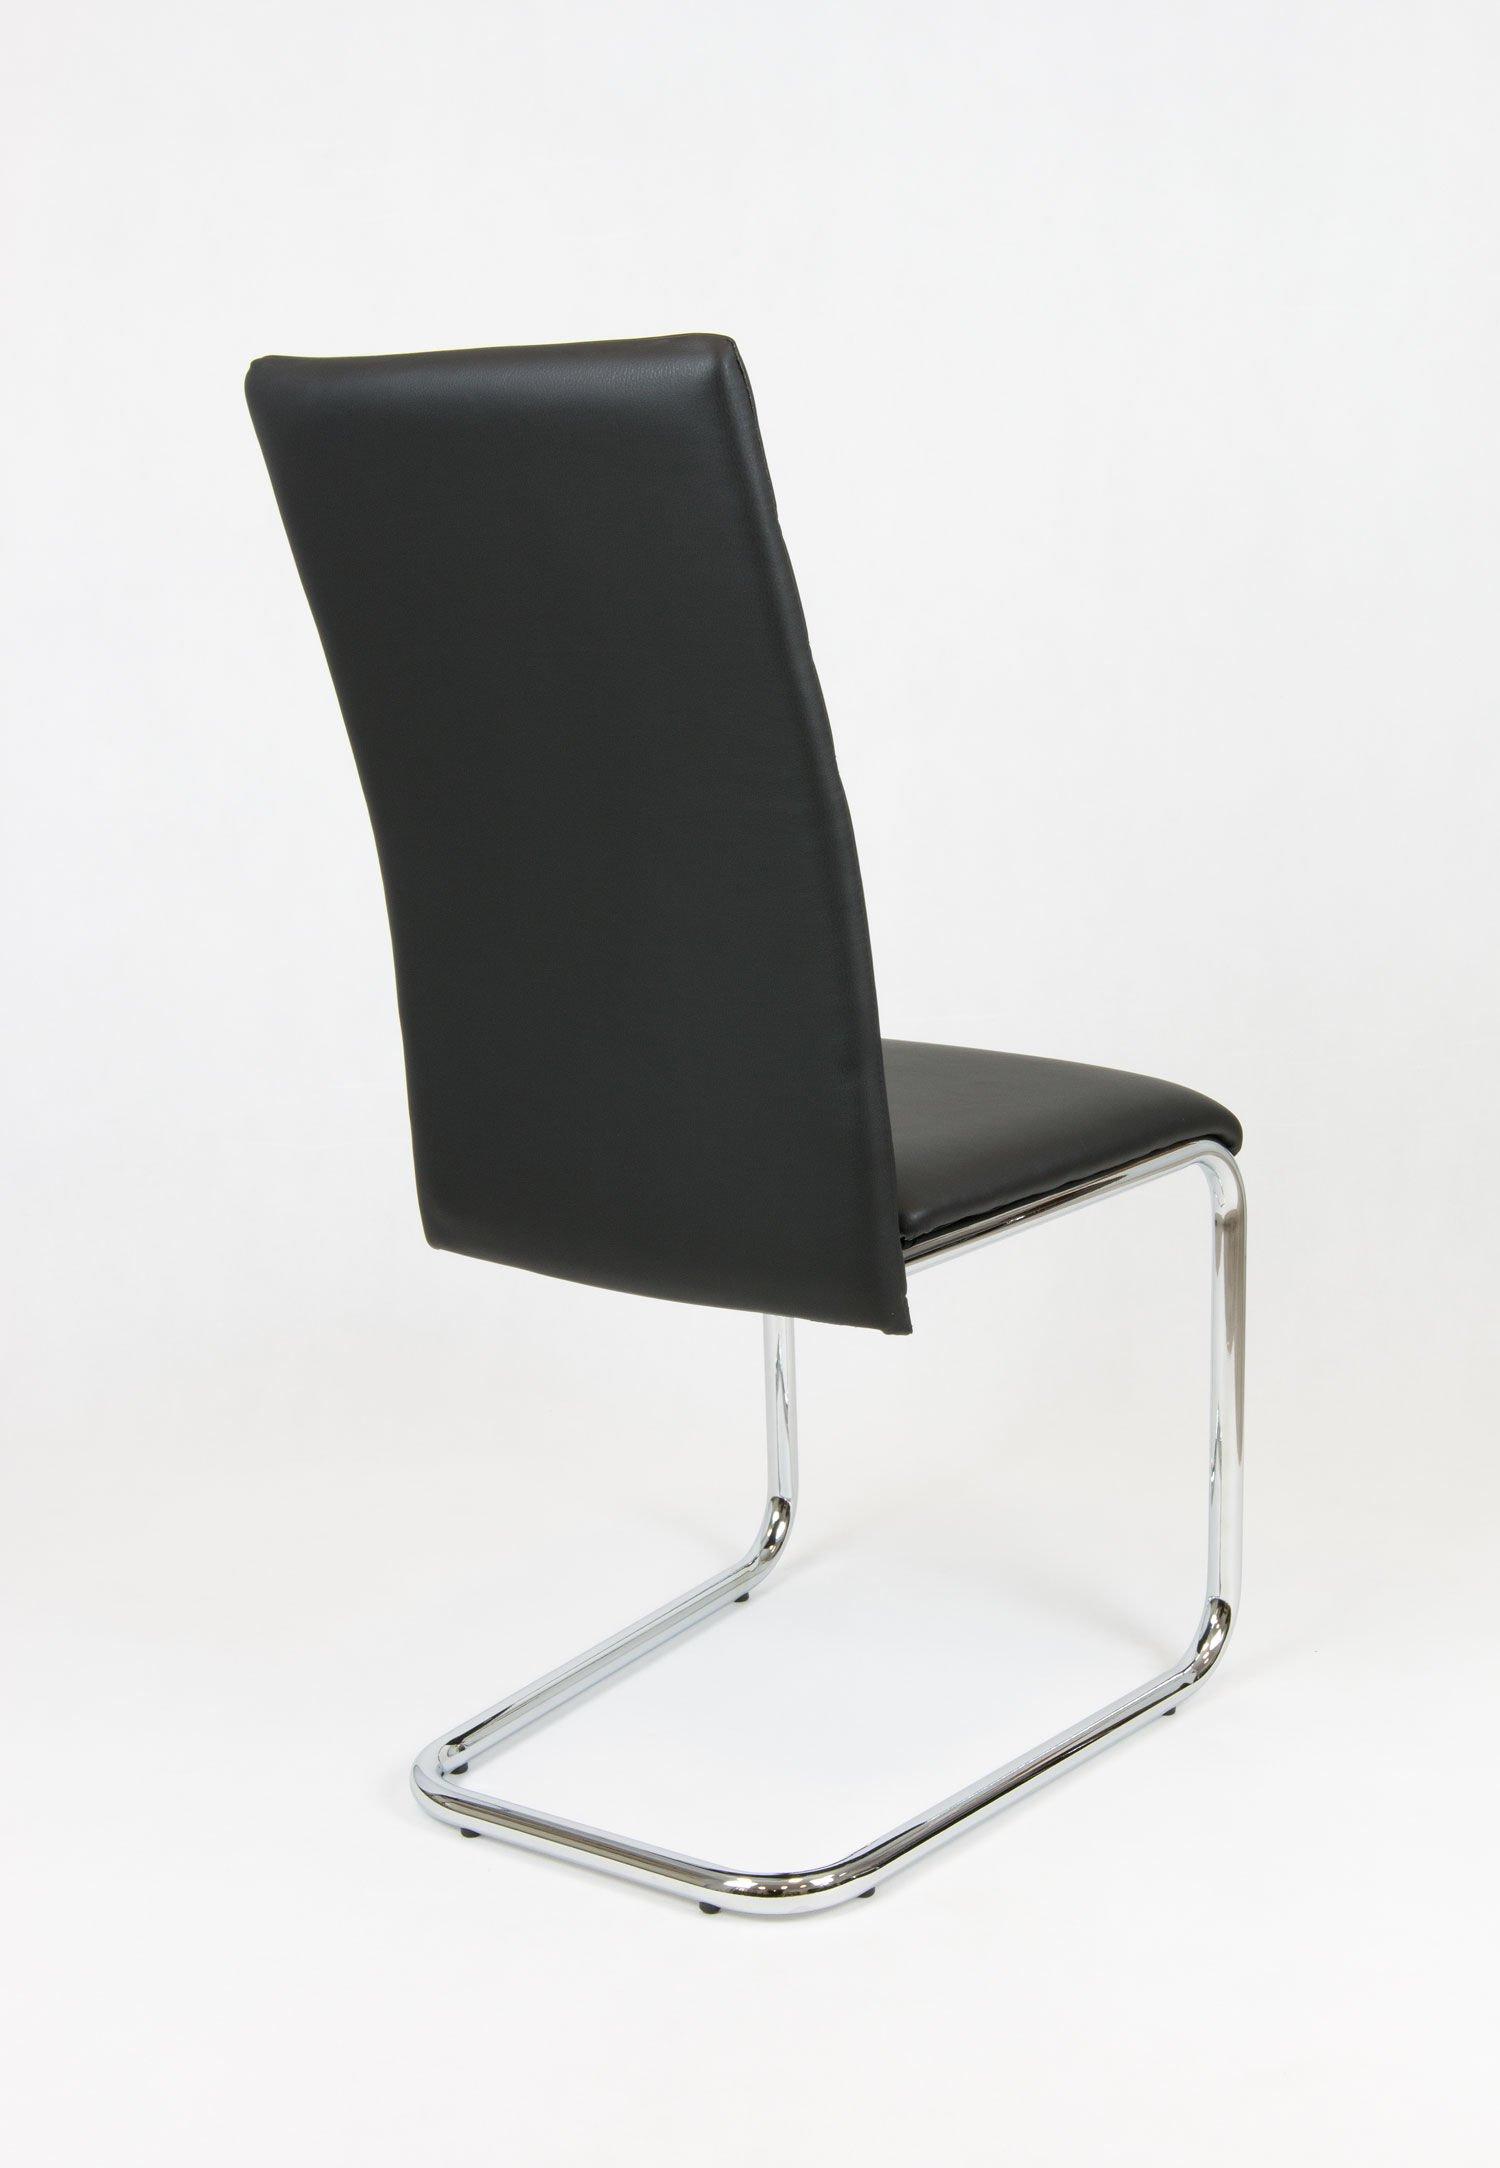 sk design ks024 schwarz kunsleder stuhl chrom schwarz verchromter gebogener rahmen angebot. Black Bedroom Furniture Sets. Home Design Ideas